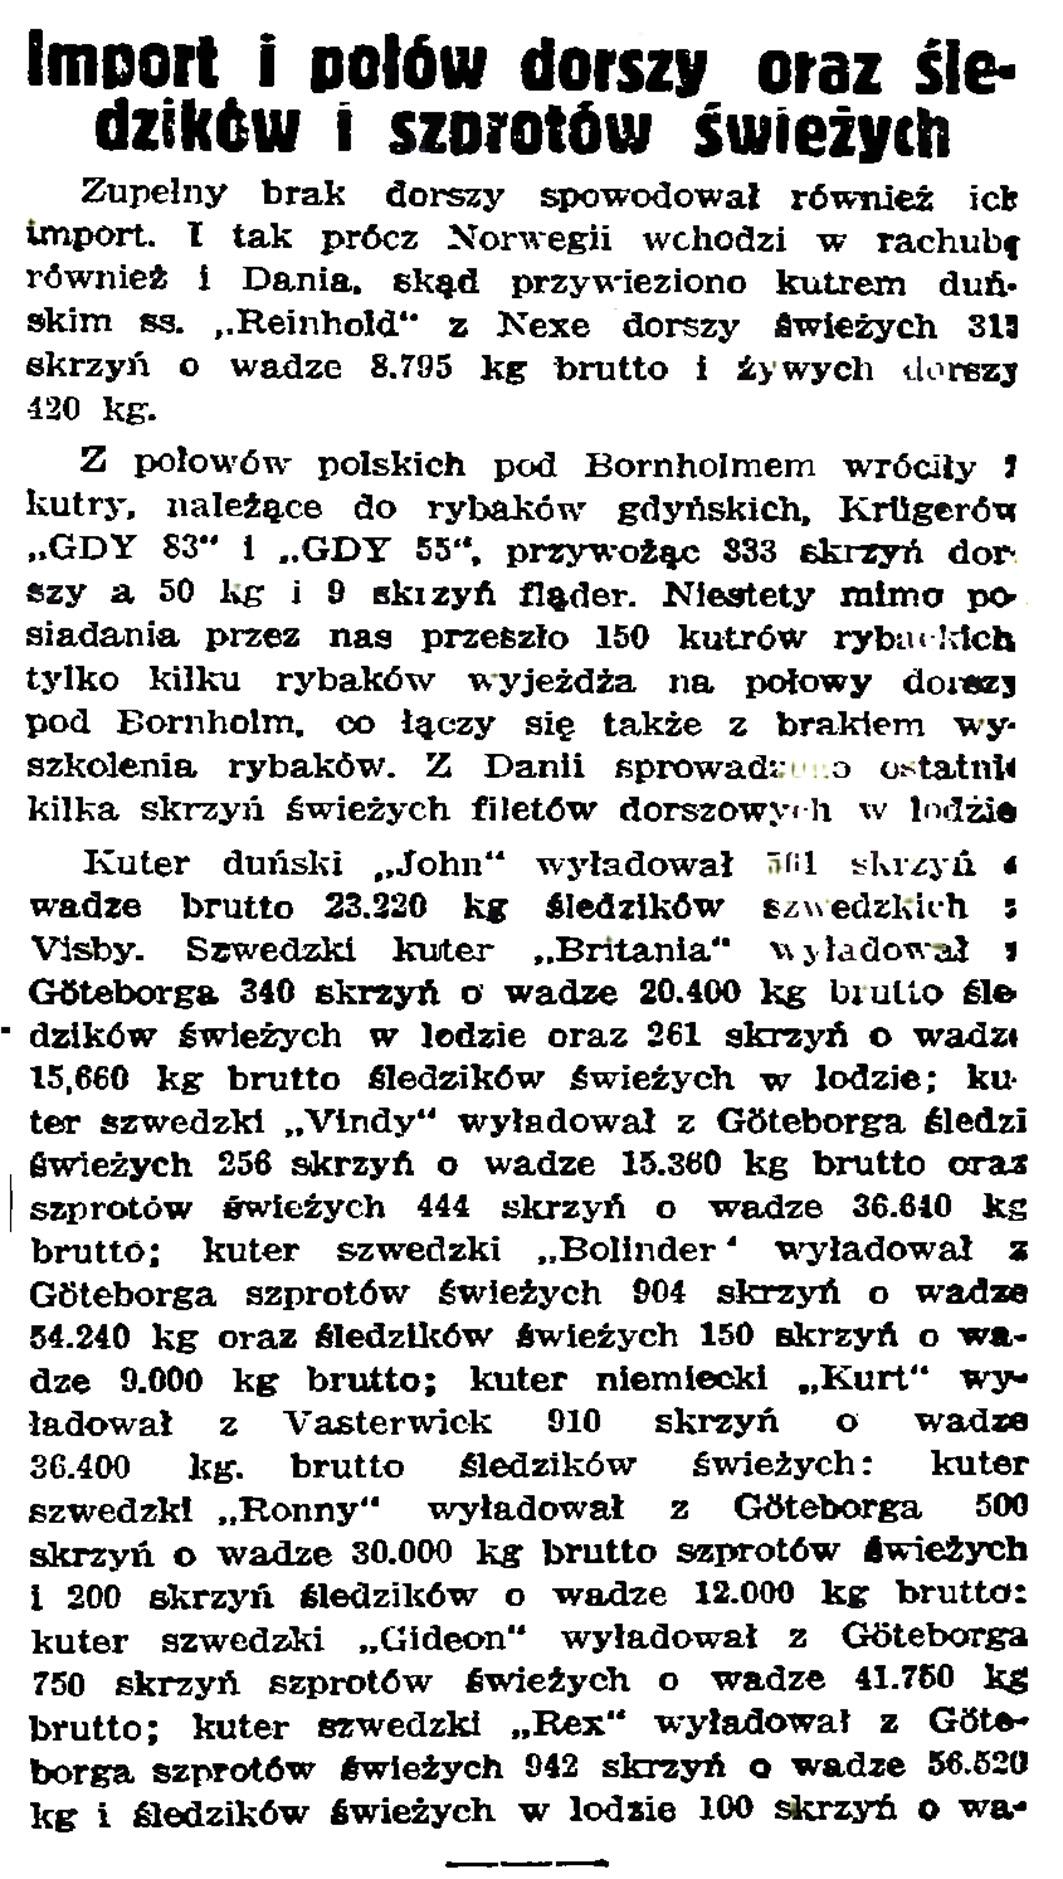 Import i połów dorszy oraz śledzi i szprotów świeżych // Gazeta Gdańska. - 1939, nr 14, s. 7